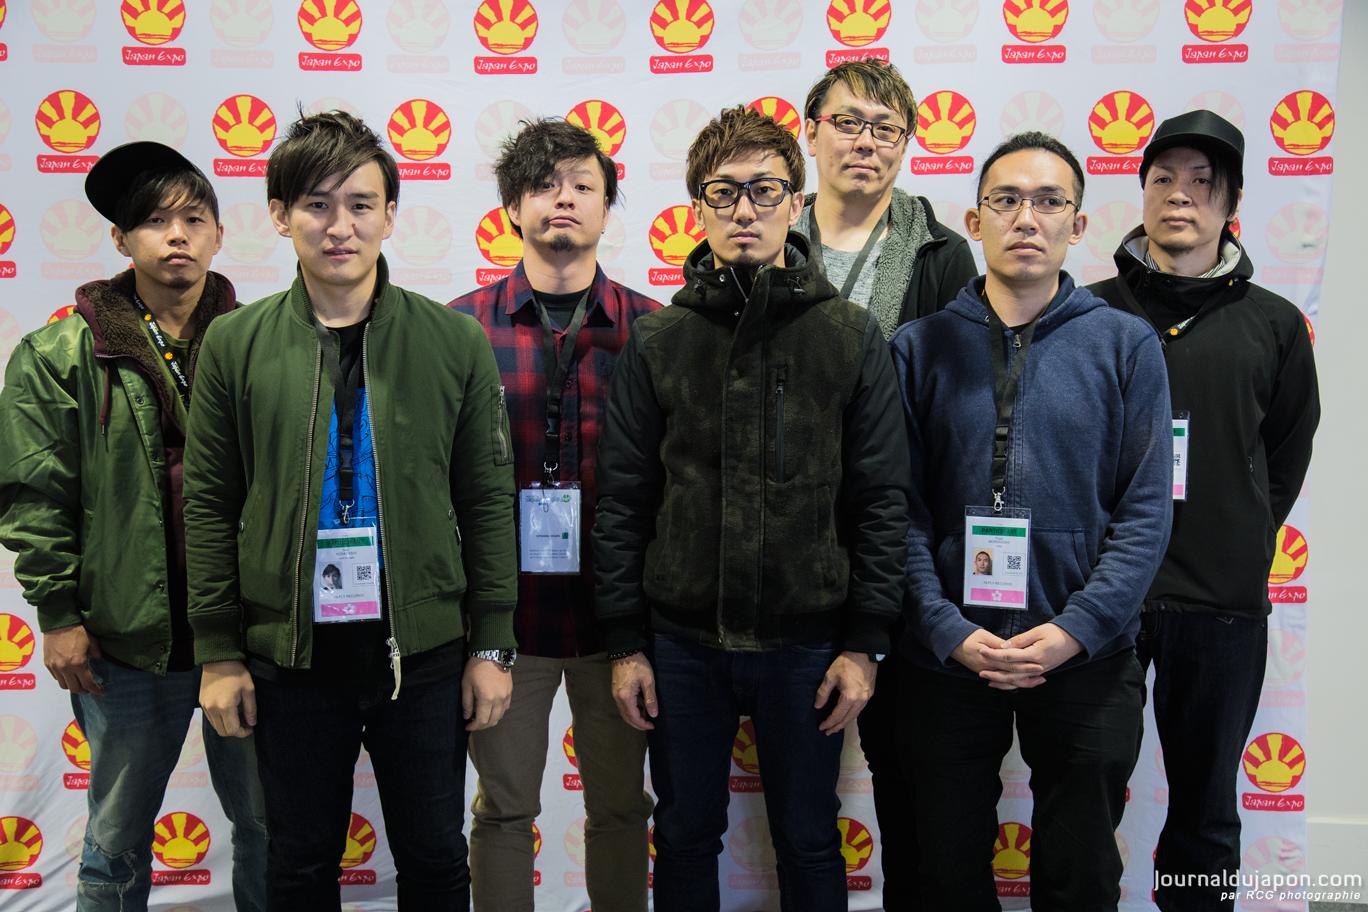 De gauche à droite : Miyo-C, Shu, Tono, Masatomo, Akaba, Sakamoto Mani Shinjirô et Moroboshimann.